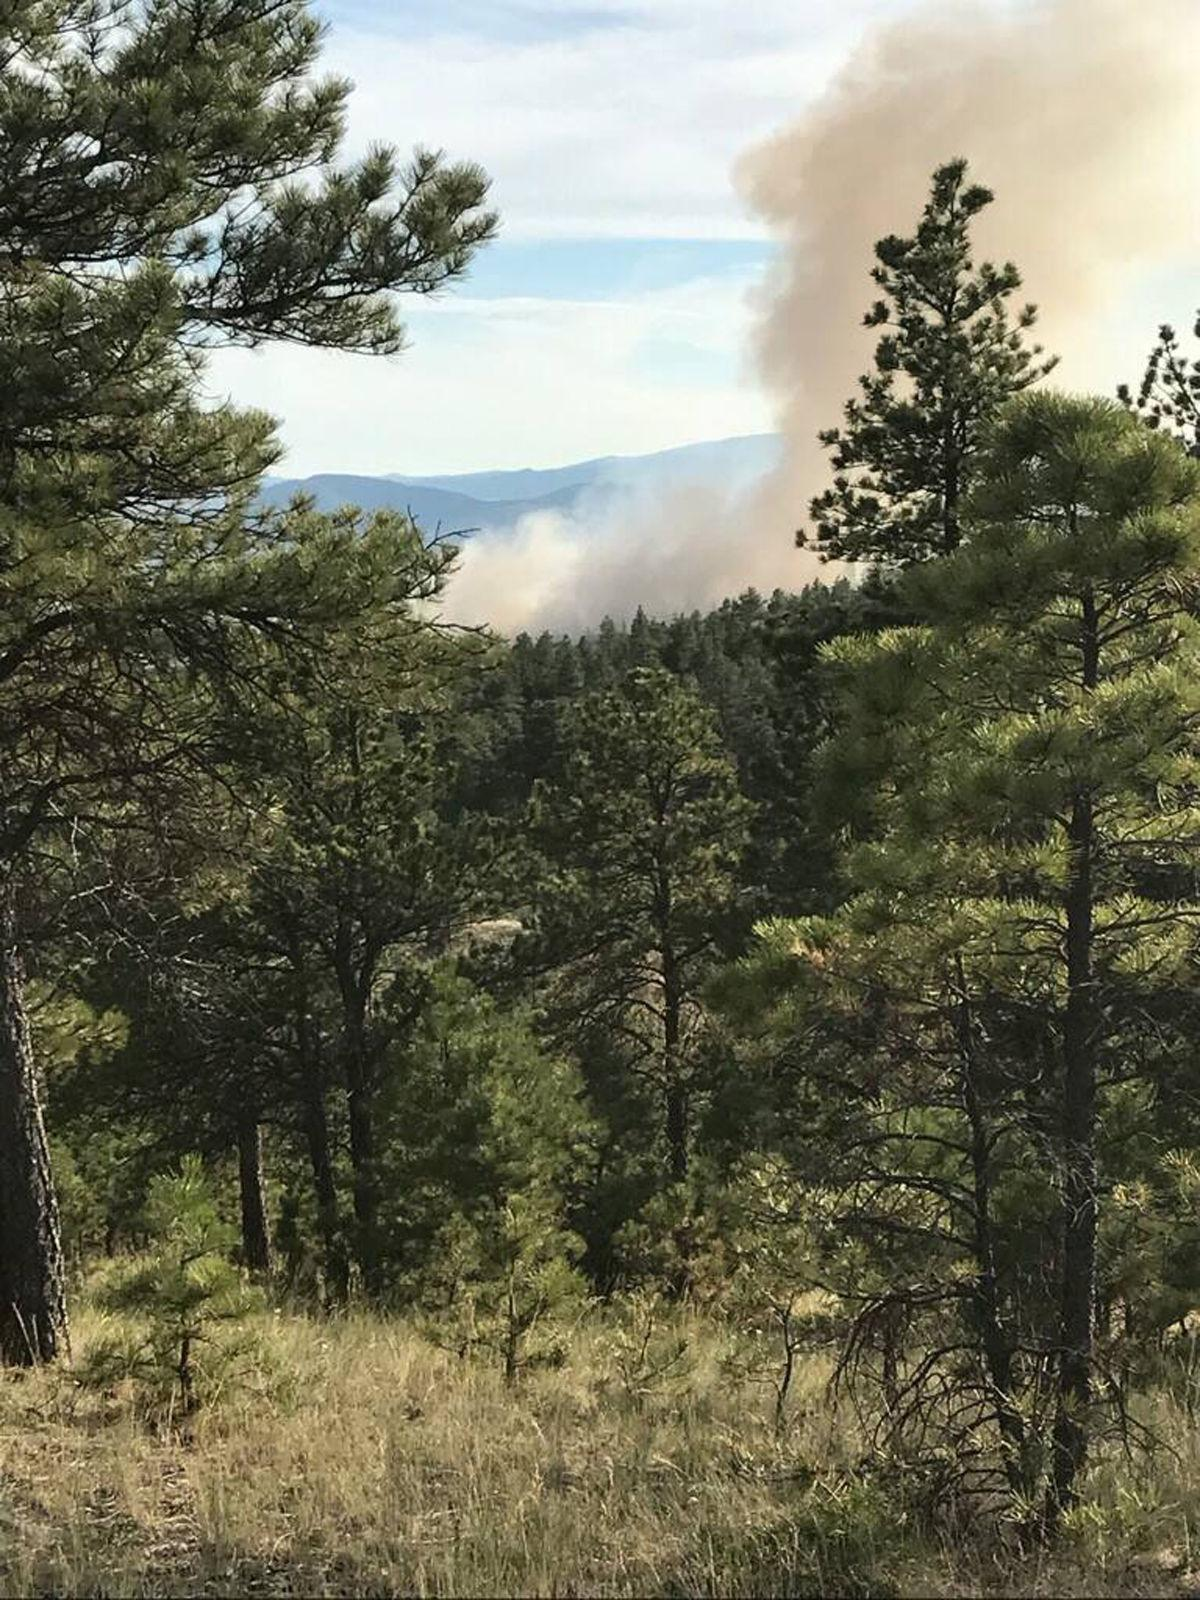 Helena-area fire